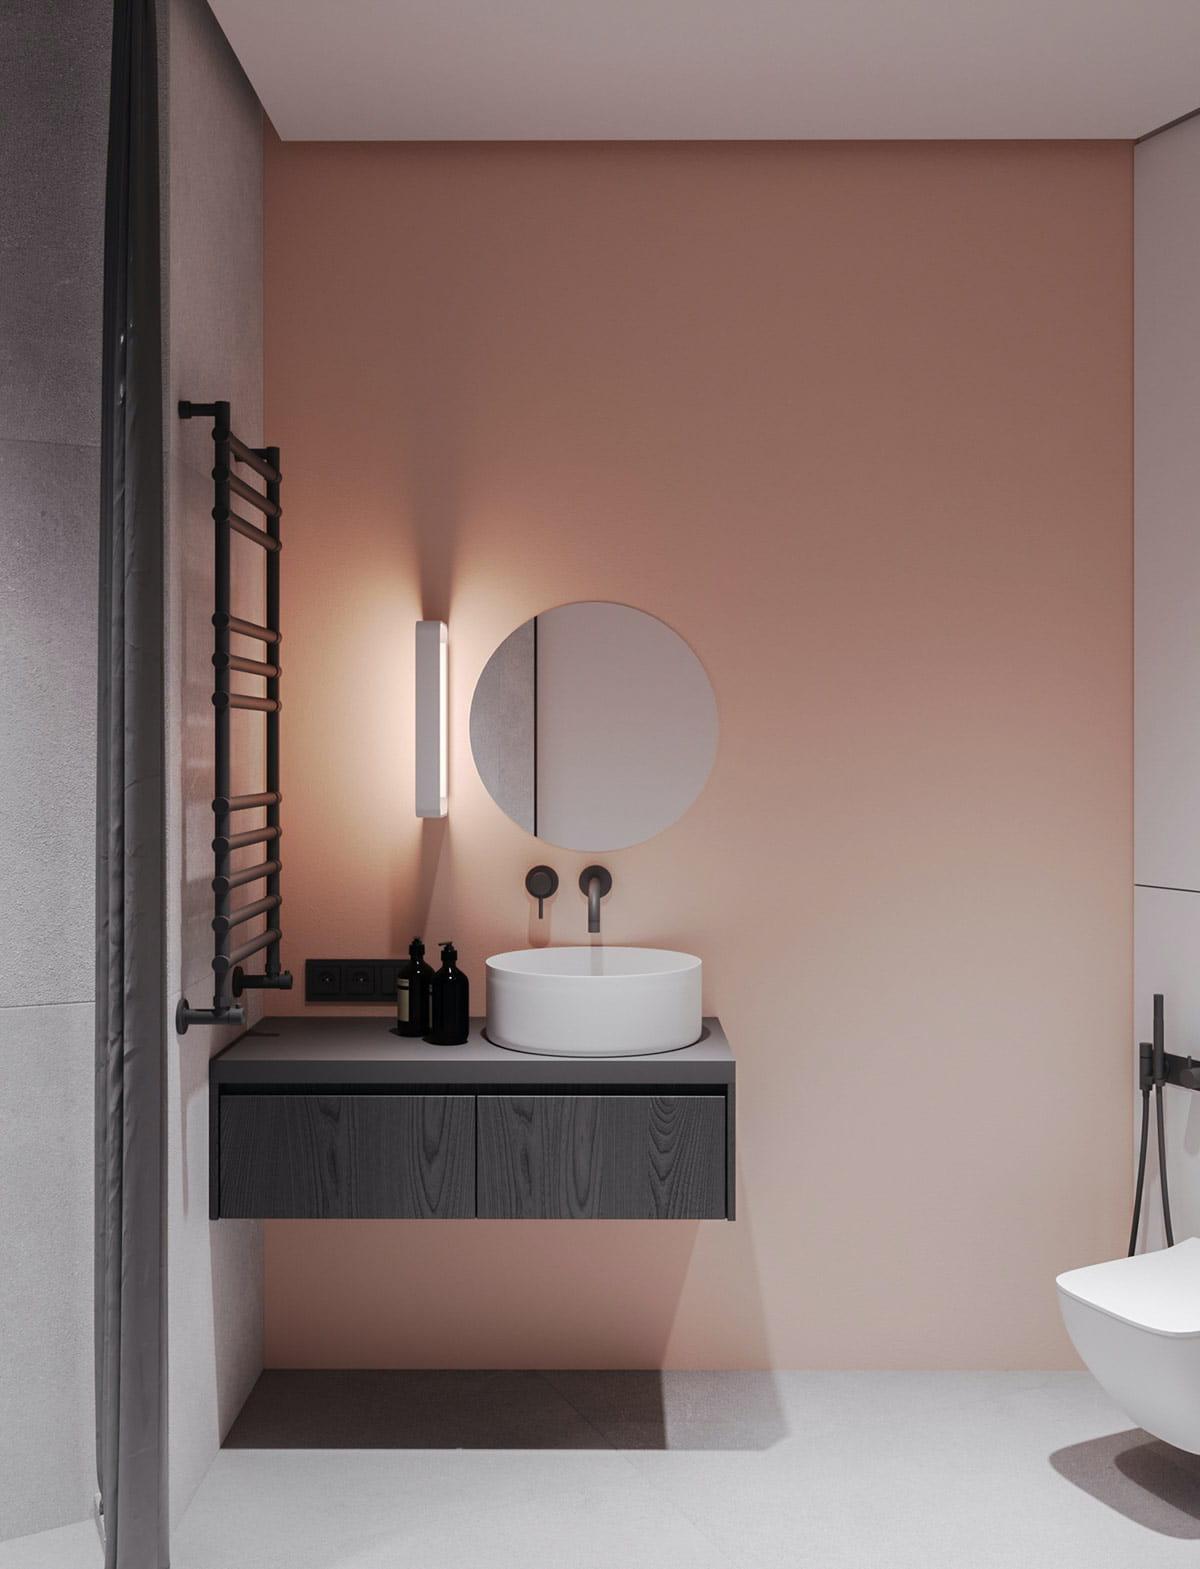 conception d'un petit appartement photo 8